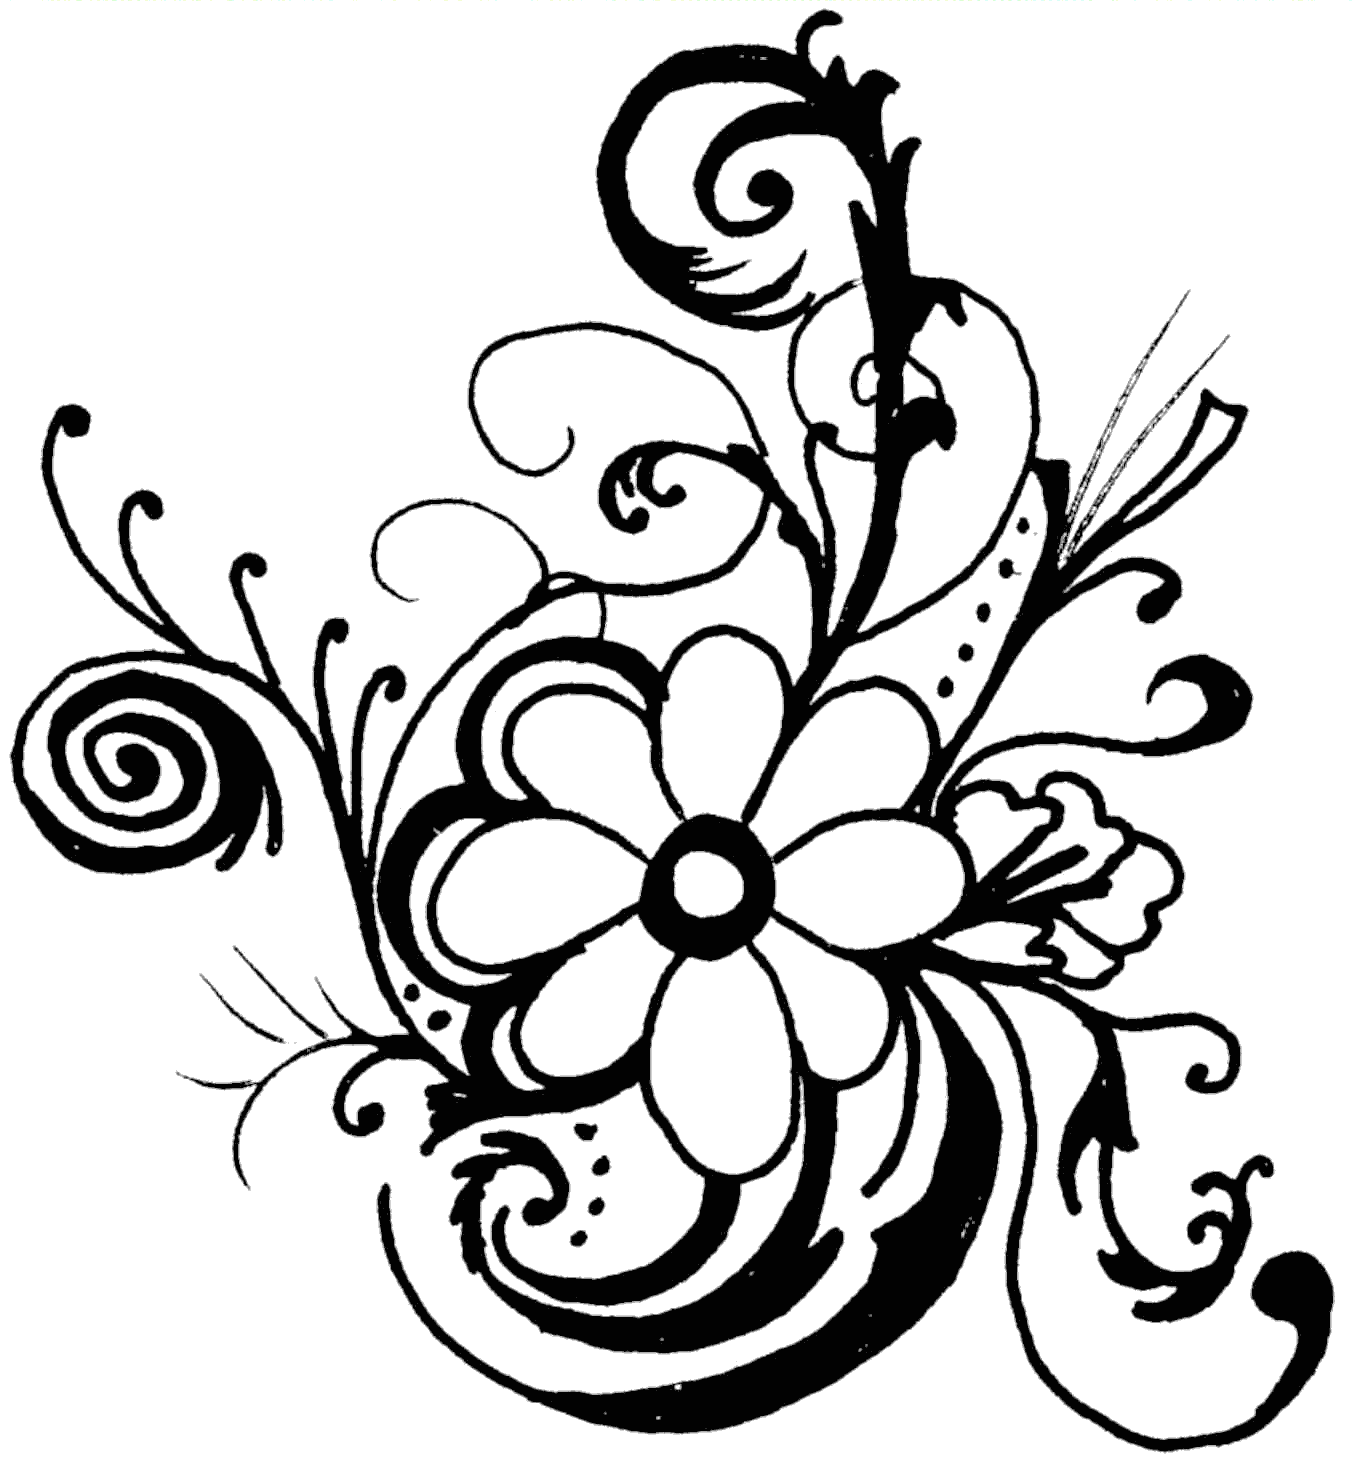 Black Flower Clip Art At Clker Com: Black And White Flower Border Clipart